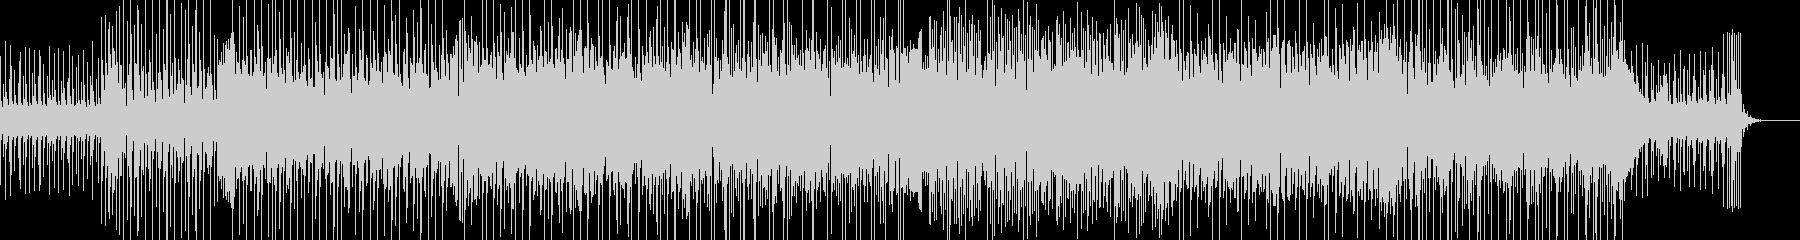 ほのぼのするリズムとメロディが印象的な曲の未再生の波形